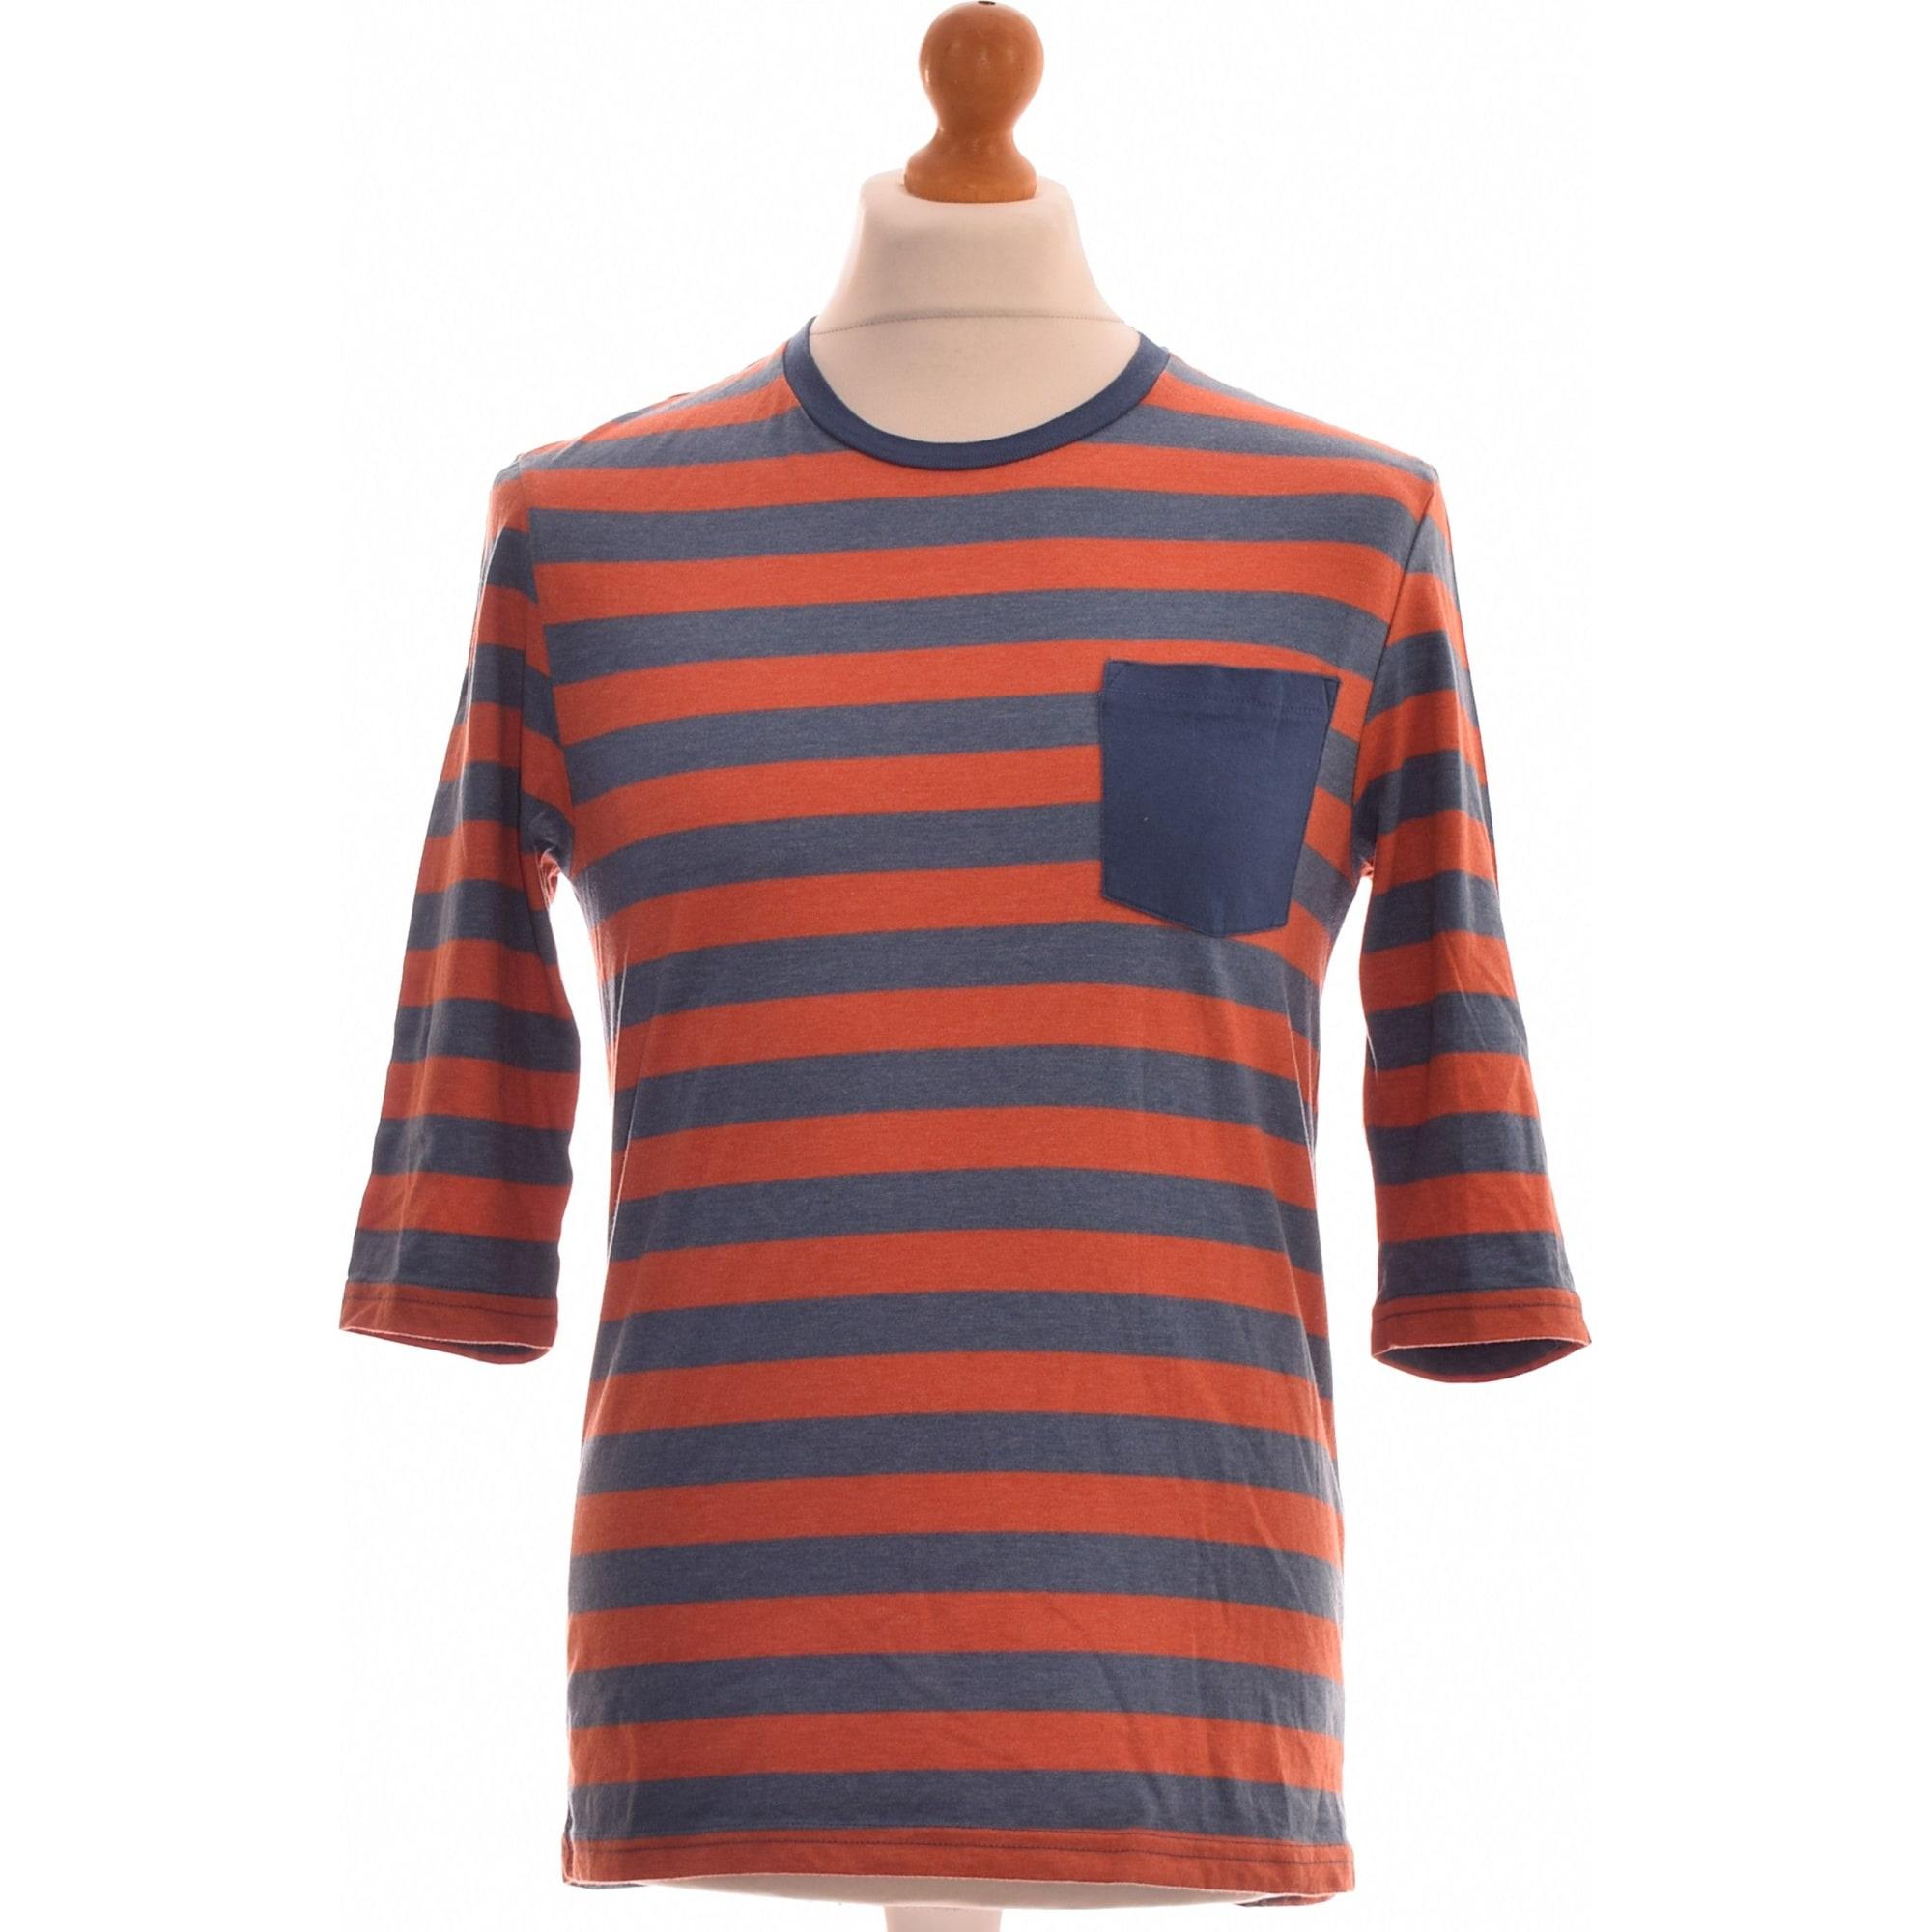 Tee-shirt ASOS Orange